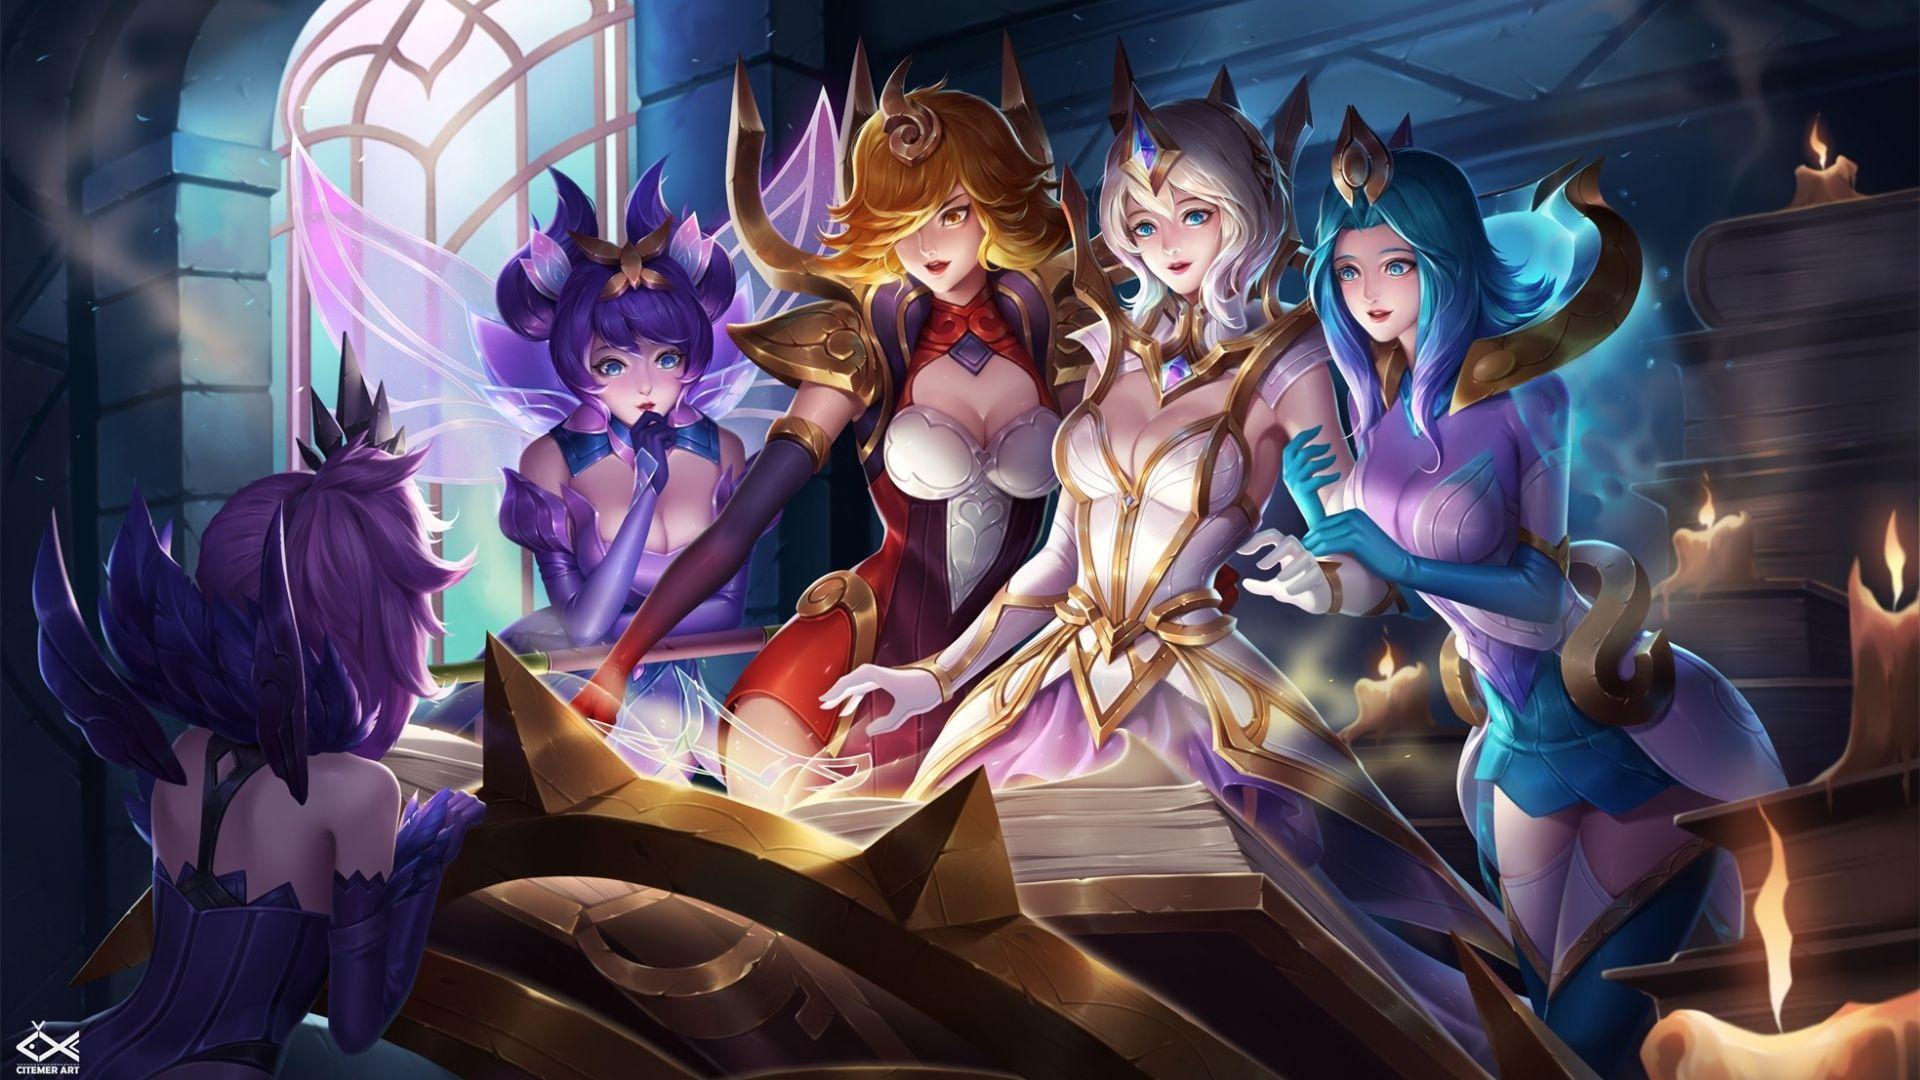 Wallpaper League of legends online game, girls